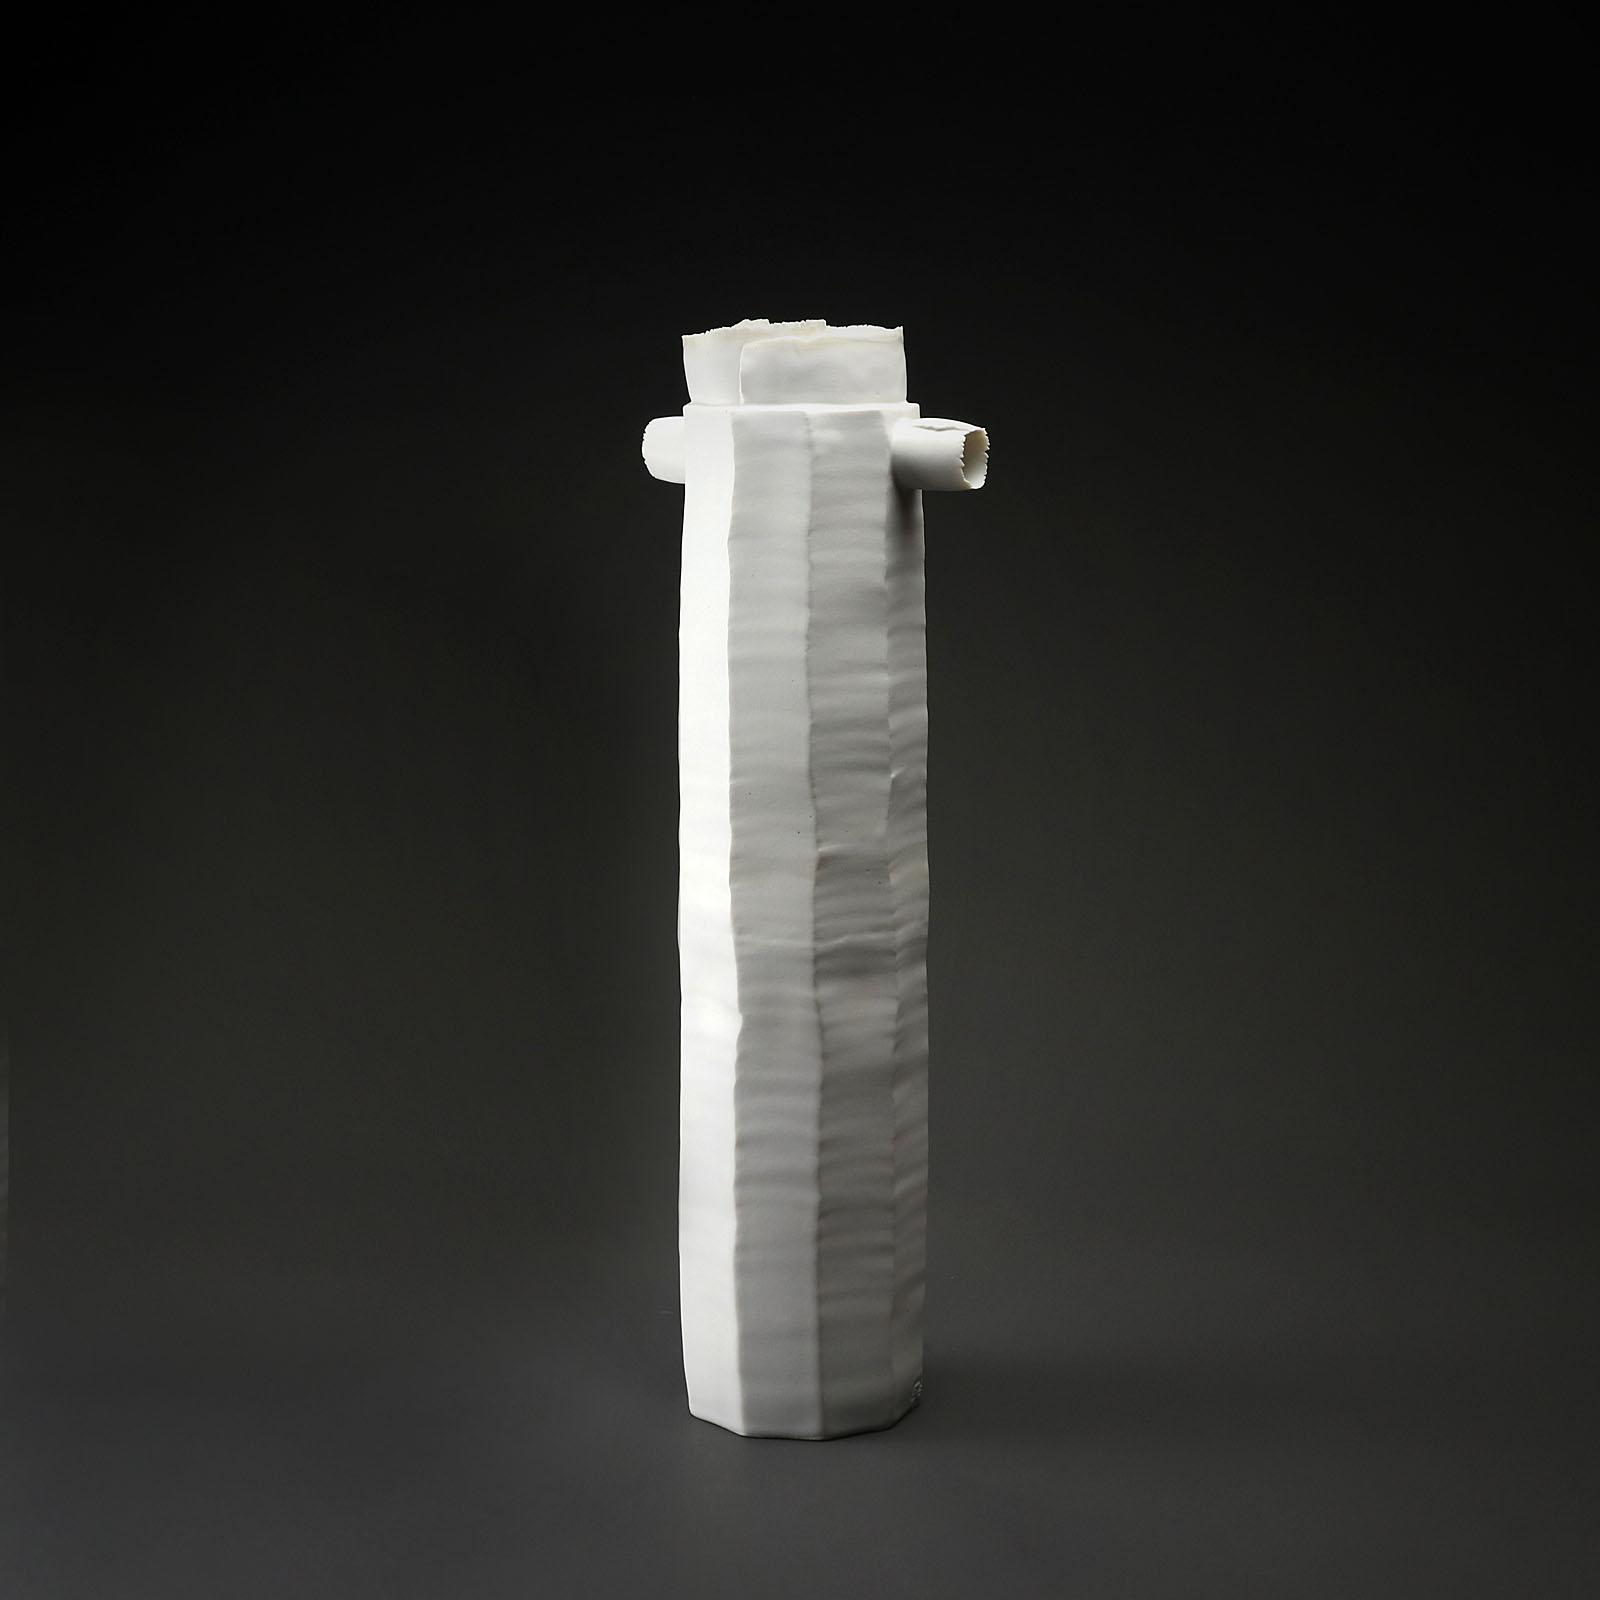 vase te gm 956 en céramique, porcelaine émaillée blanc